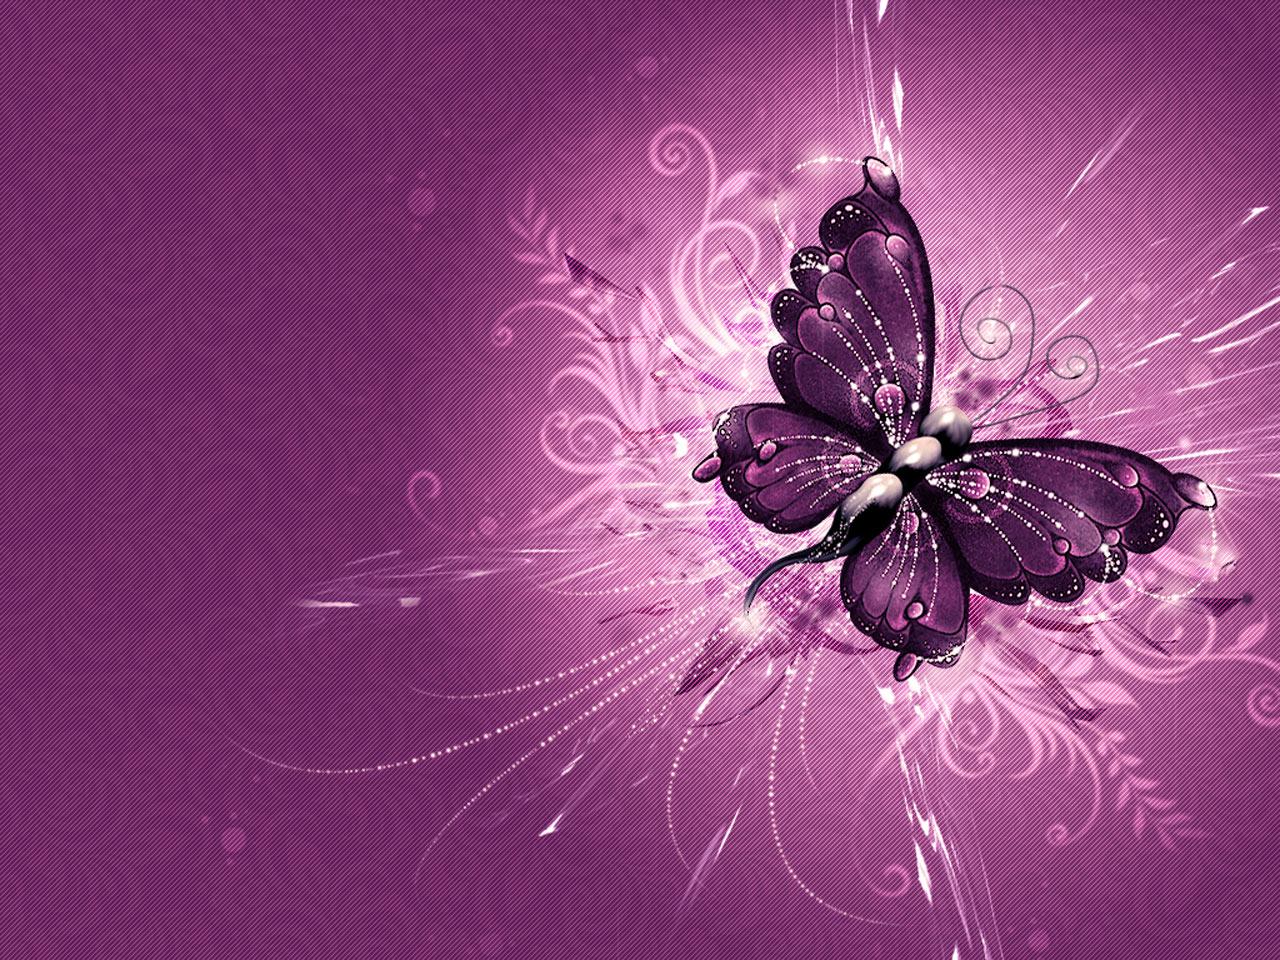 HD wallpaper Fantastic Purple Butterfly Wallpaper Desktop Background 1280x960